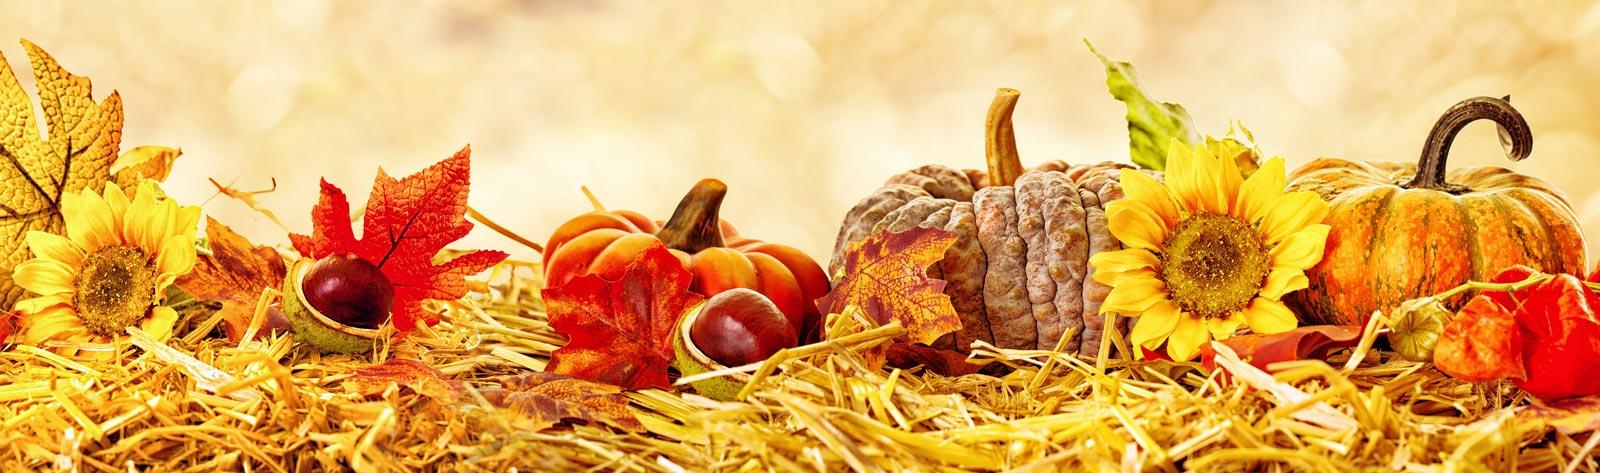 Jesienne warzywa i owoce wpływające na naszą urodę